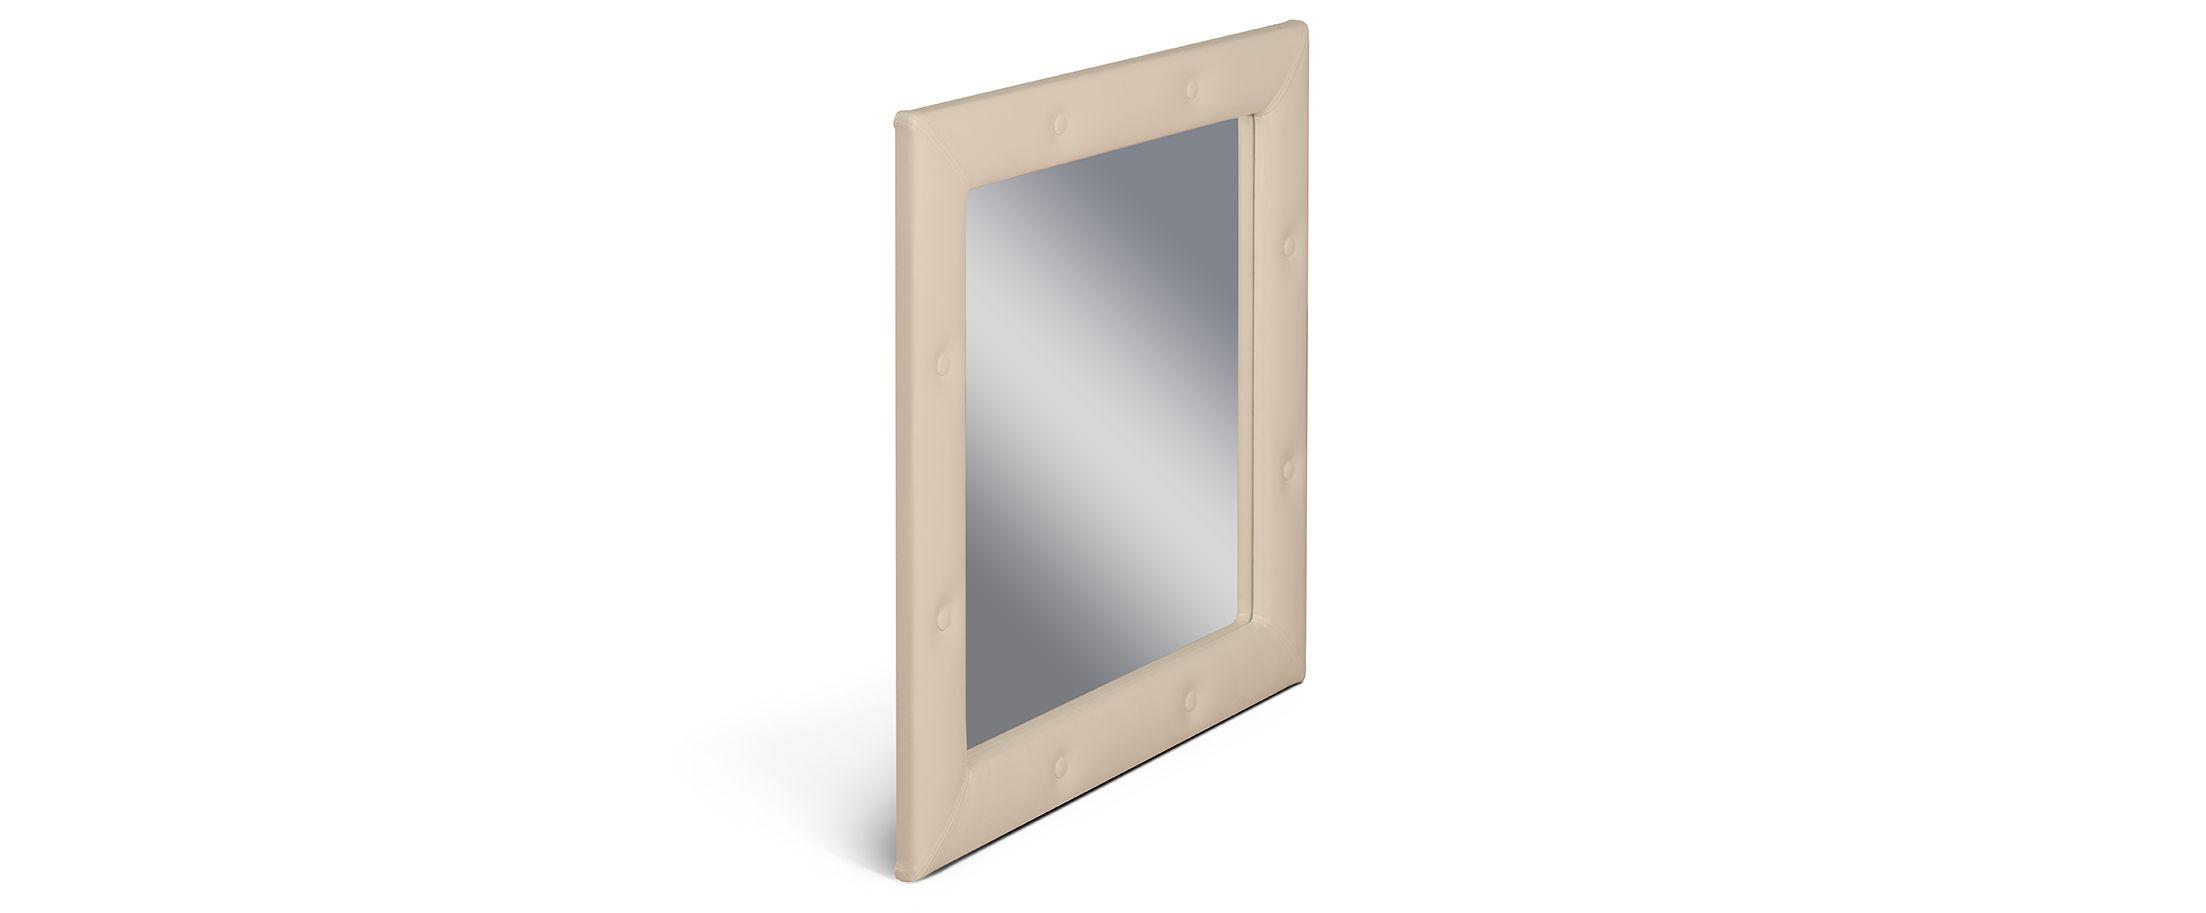 Зеркало Кааба рожьЗеркало навесное в спальню. Обивка из экокожи с декоративными пуговицами. Артикул: К000445<br><br>Ширина см: 86<br>Глубина см: 4<br>Высота см: 86<br>Цвет: Дуб сонома